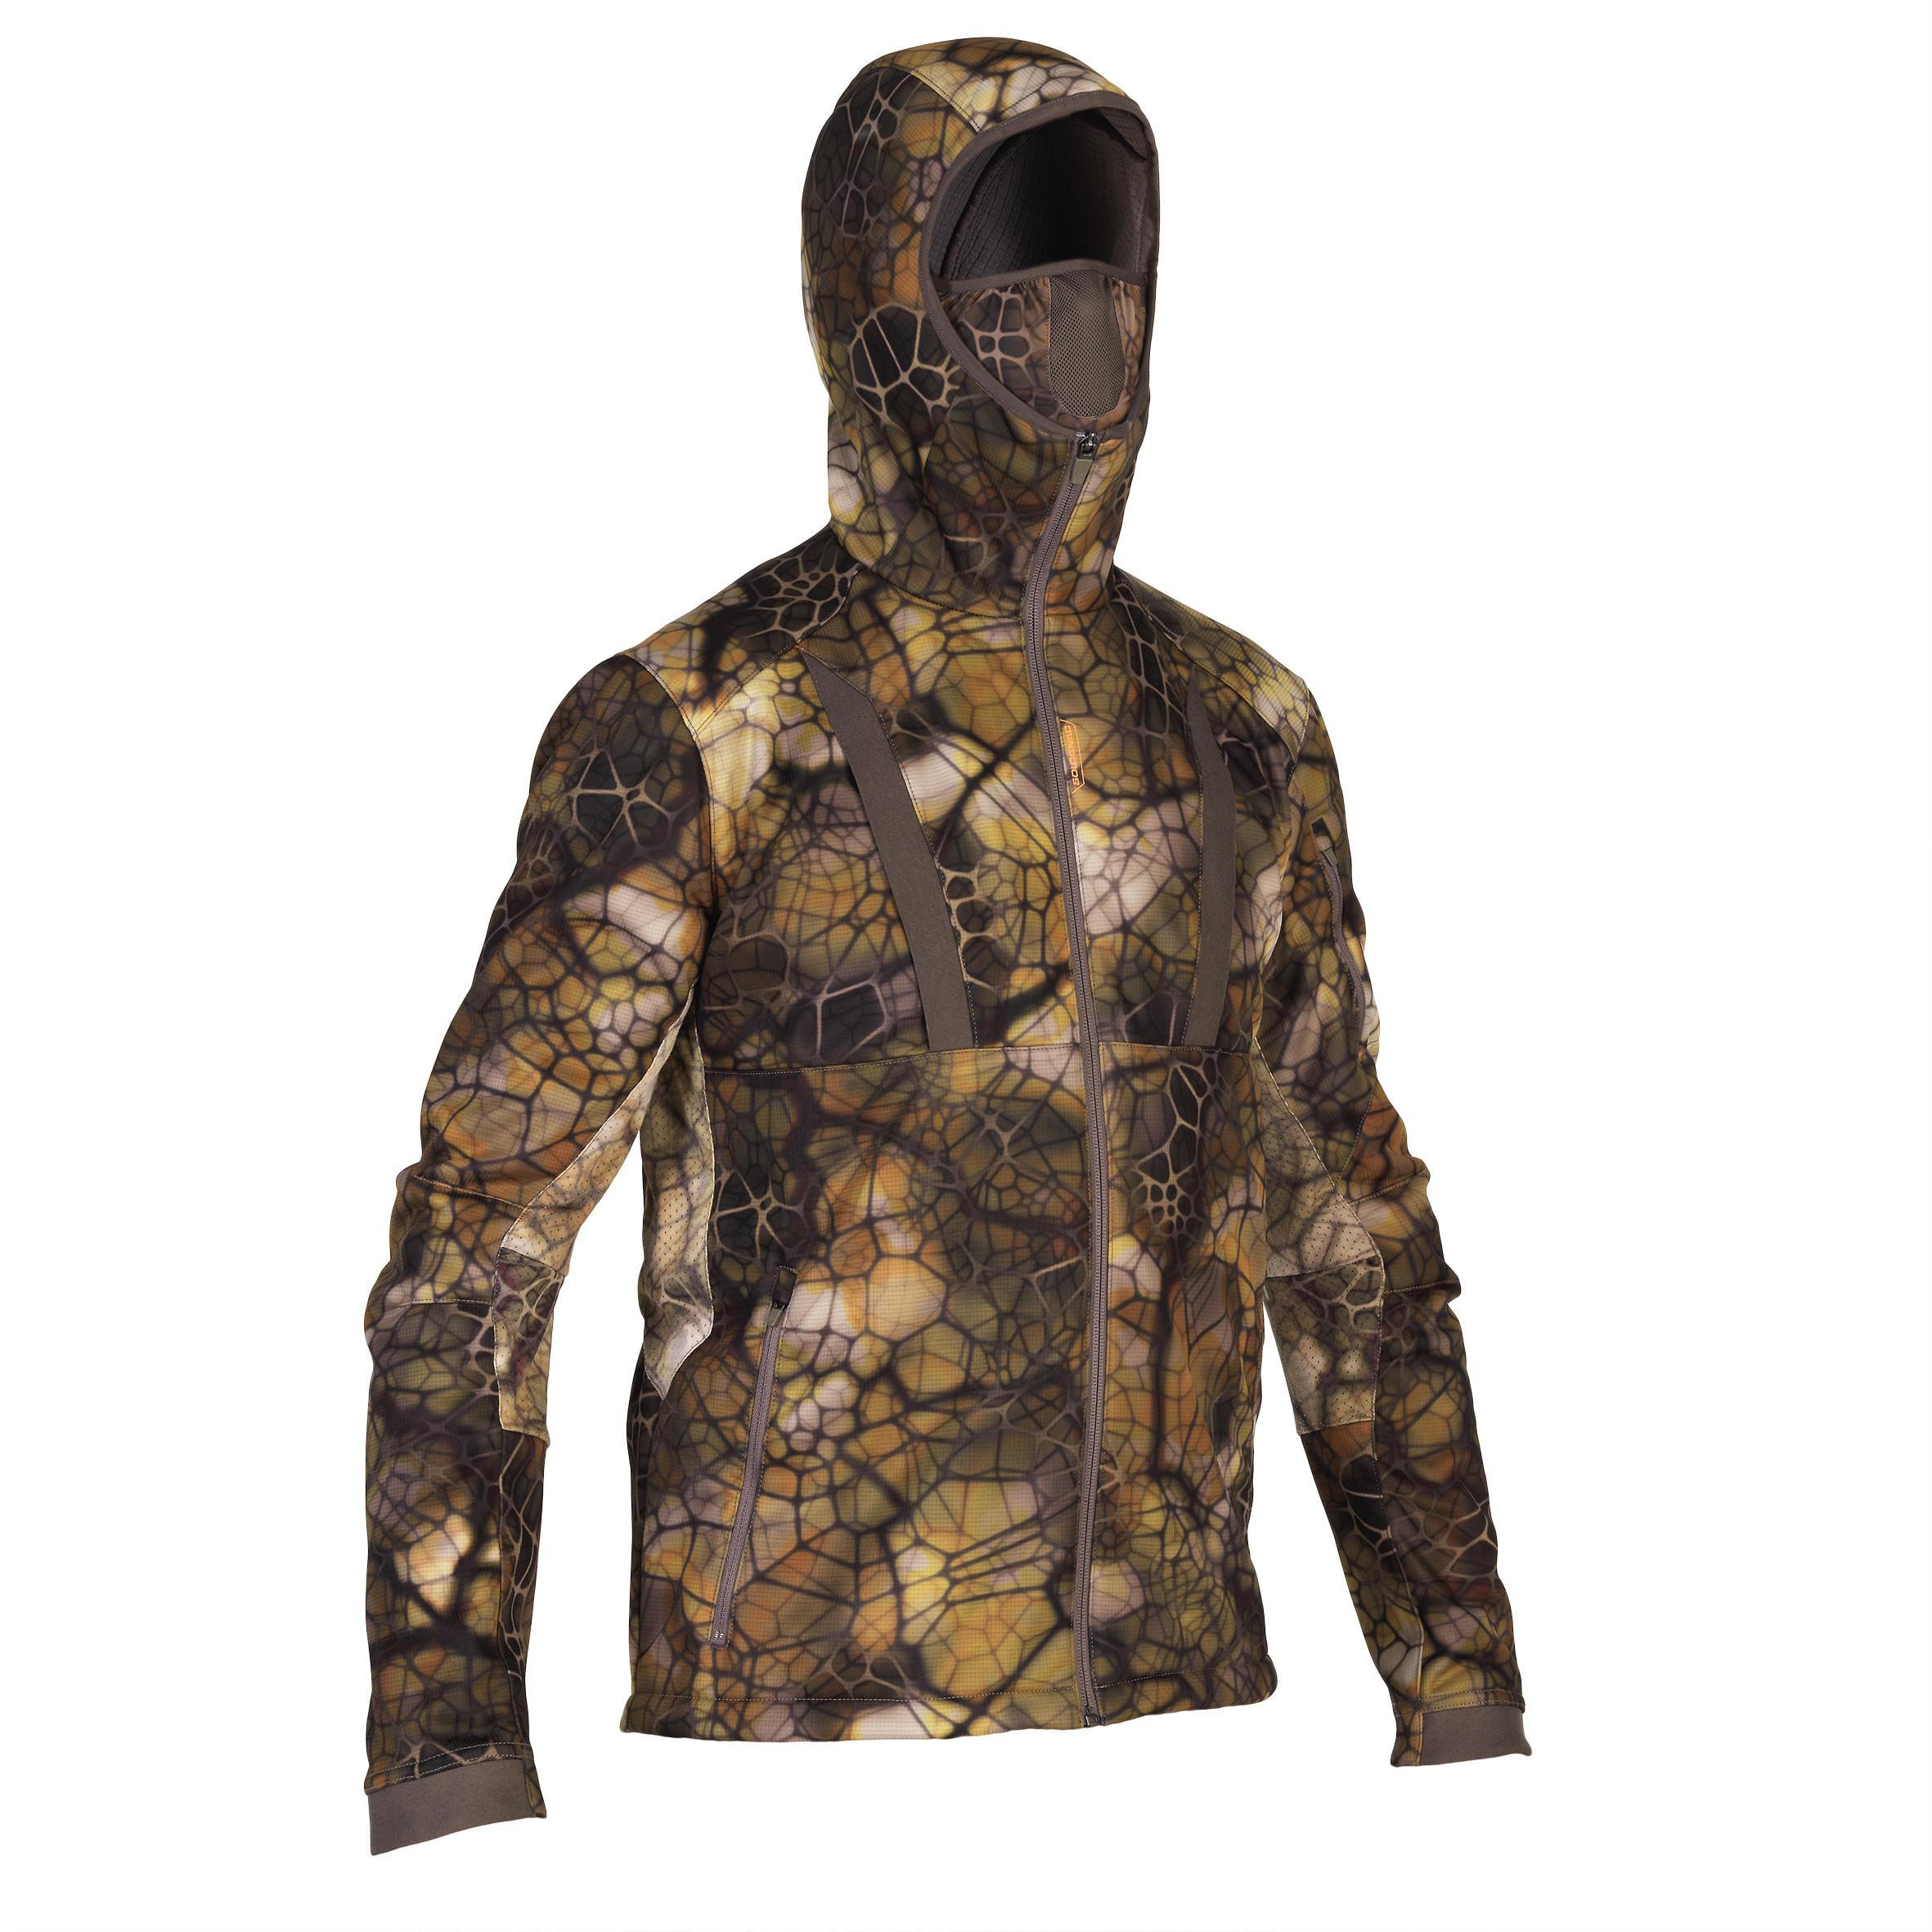 Herren Jagdjacke geräuscharm atmungsaktiv 900 camouflage Furtiv | 03583788136293